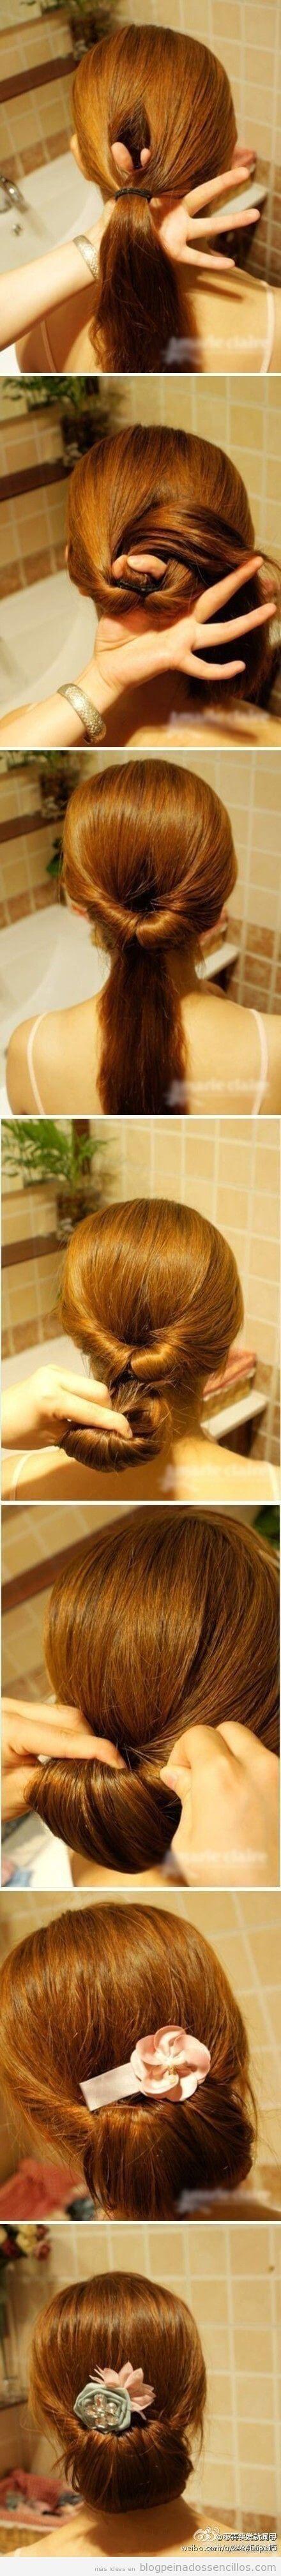 Von klassisch bis niedlich: Frisur Ideen für lange Haare - zweimal gedrehter…